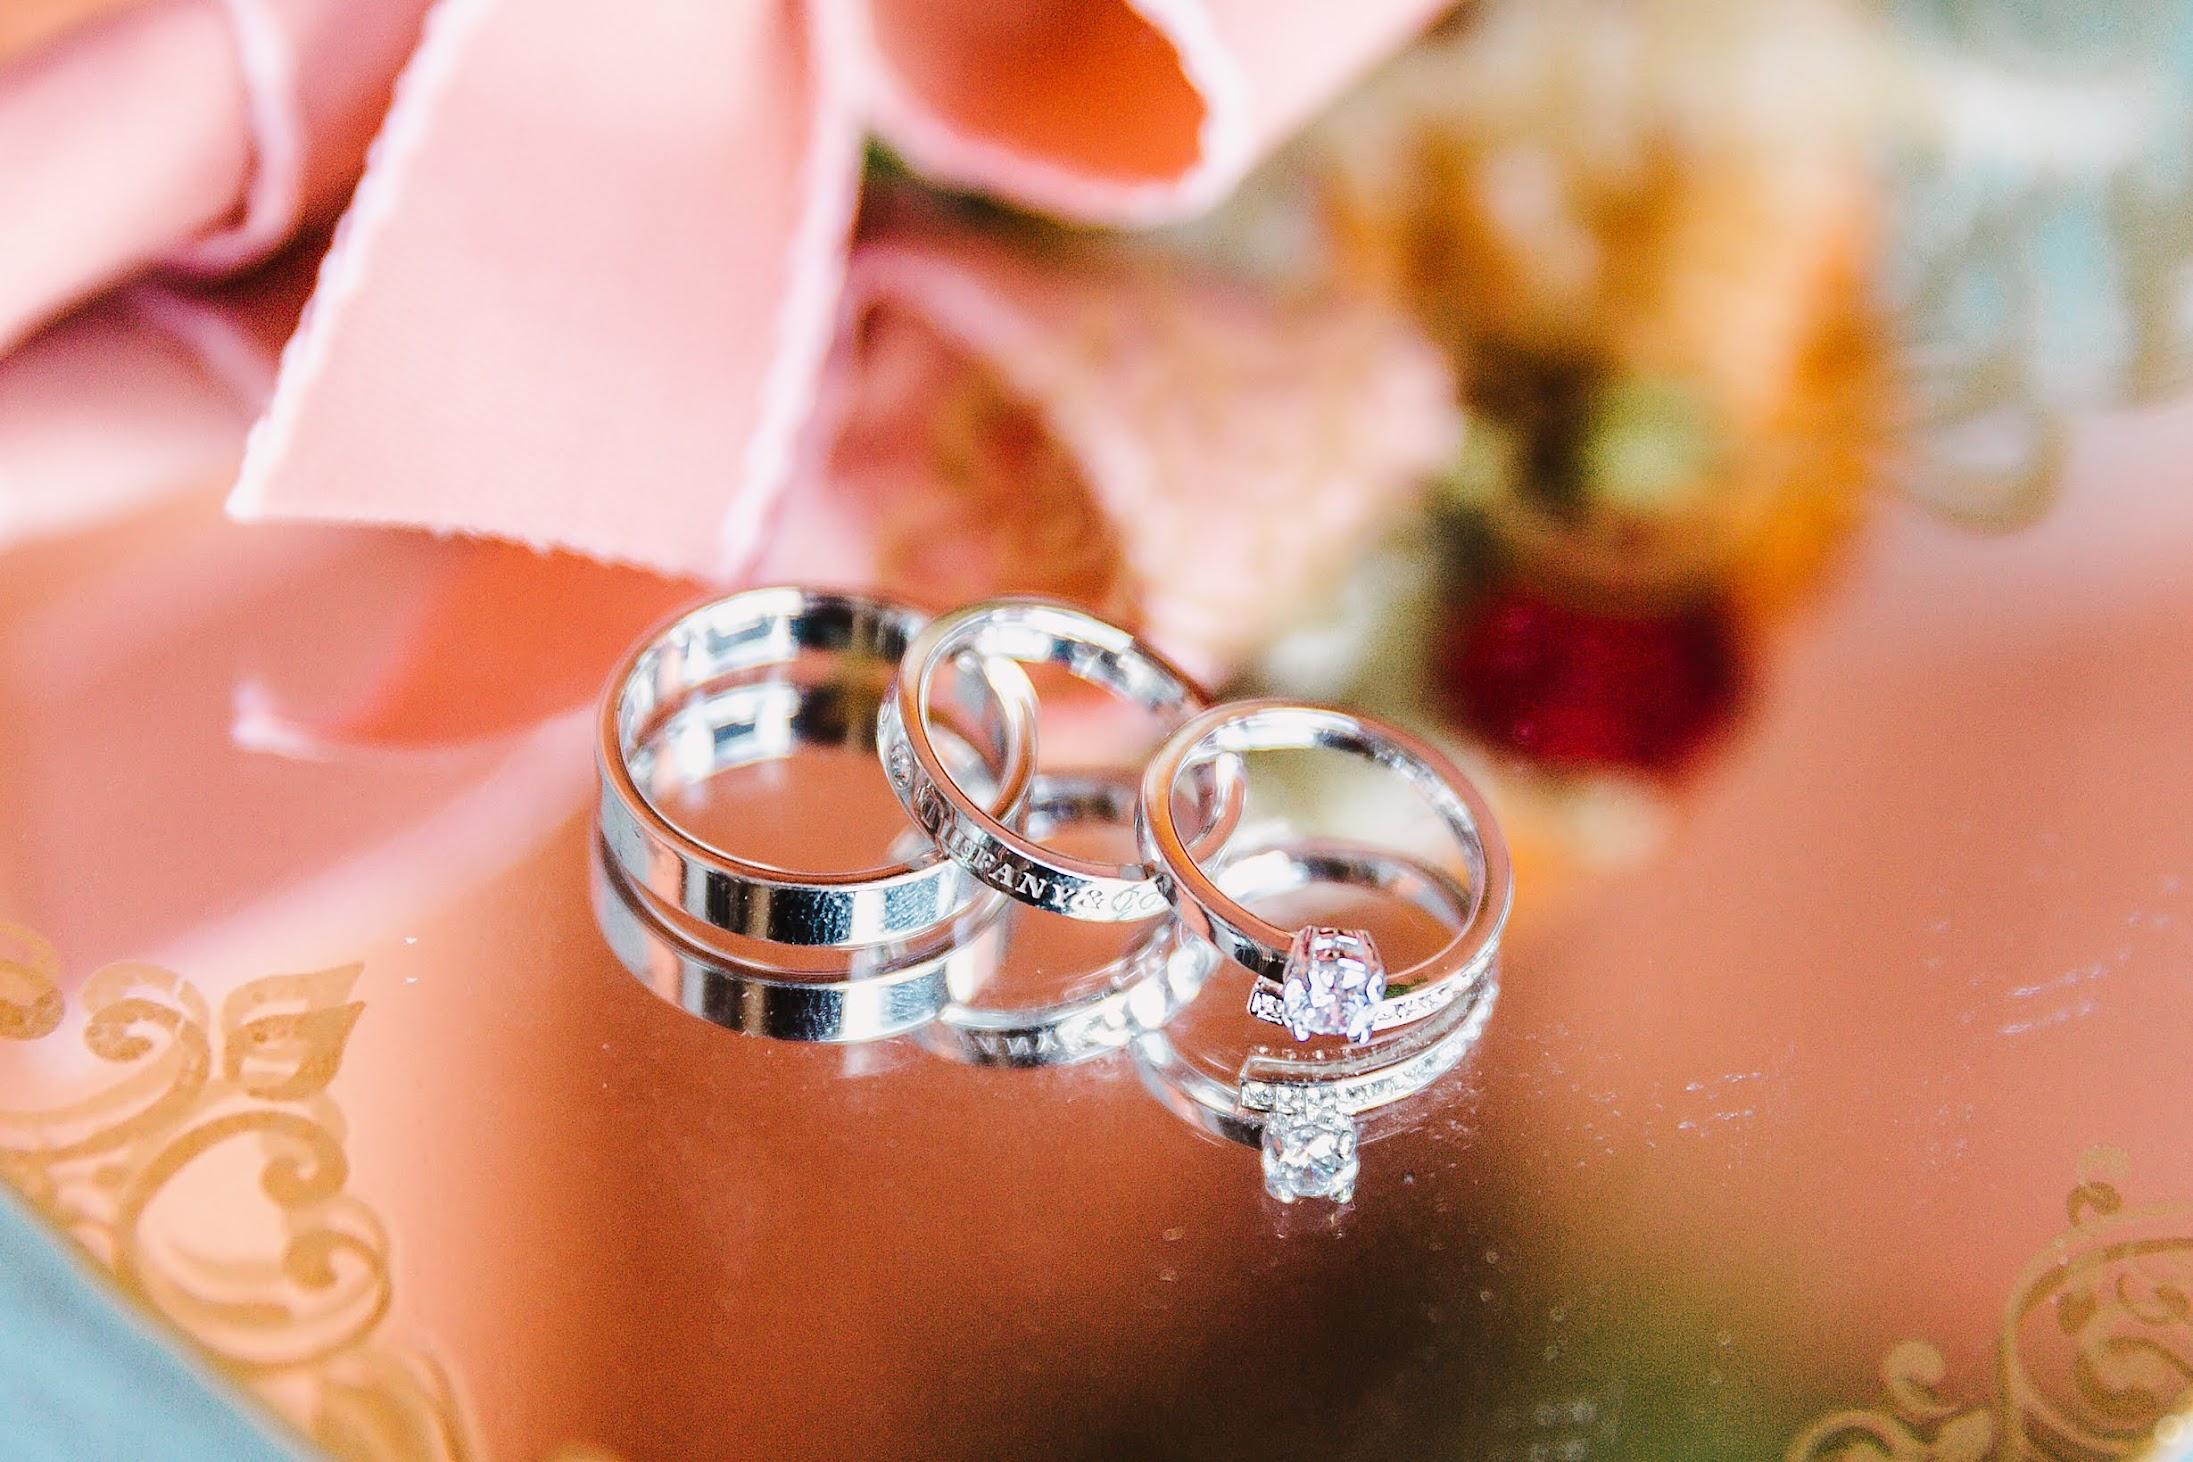 美式婚禮紀錄,維多莉亞酒店 婚攝,維多莉亞 婚禮紀錄,戶外婚禮,戶外證婚,美式婚攝,台北婚攝,台中婚攝Amazing Grace 攝影美學,Wedding Photography